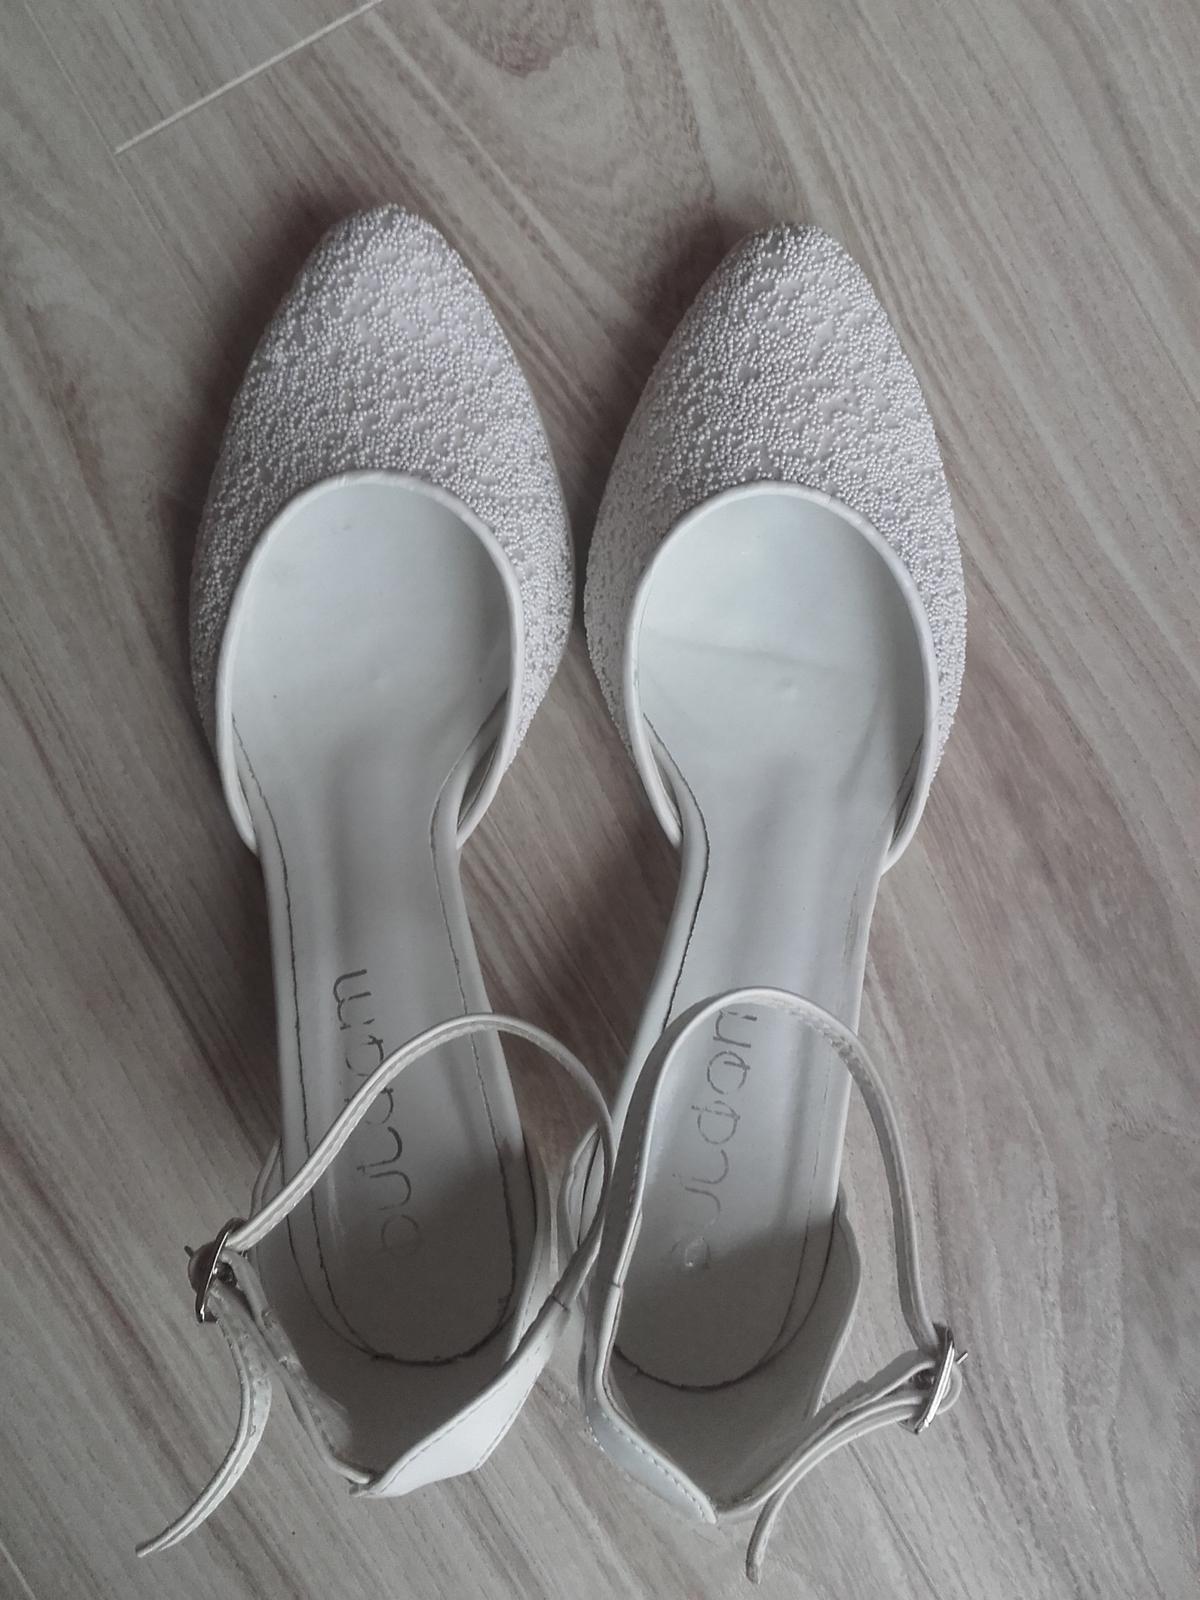 Bílé střevíčky s perličkami, vel. 39, nízký podpatek - Obrázek č. 3